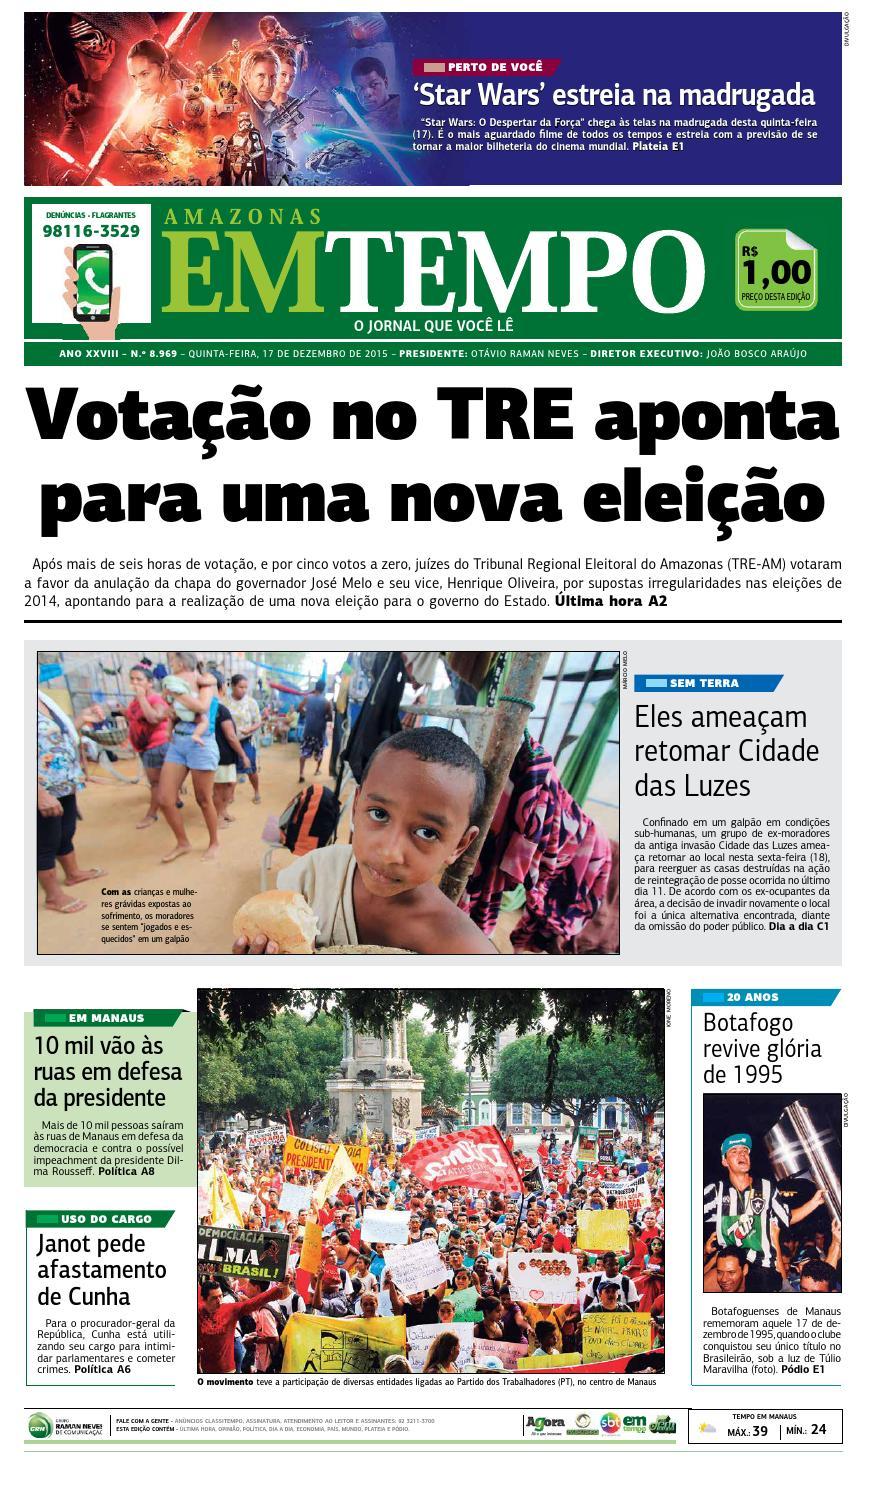 EM TEMPO - 17 de dezembro de 2015 by Amazonas Em Tempo - issuu 947caa93da